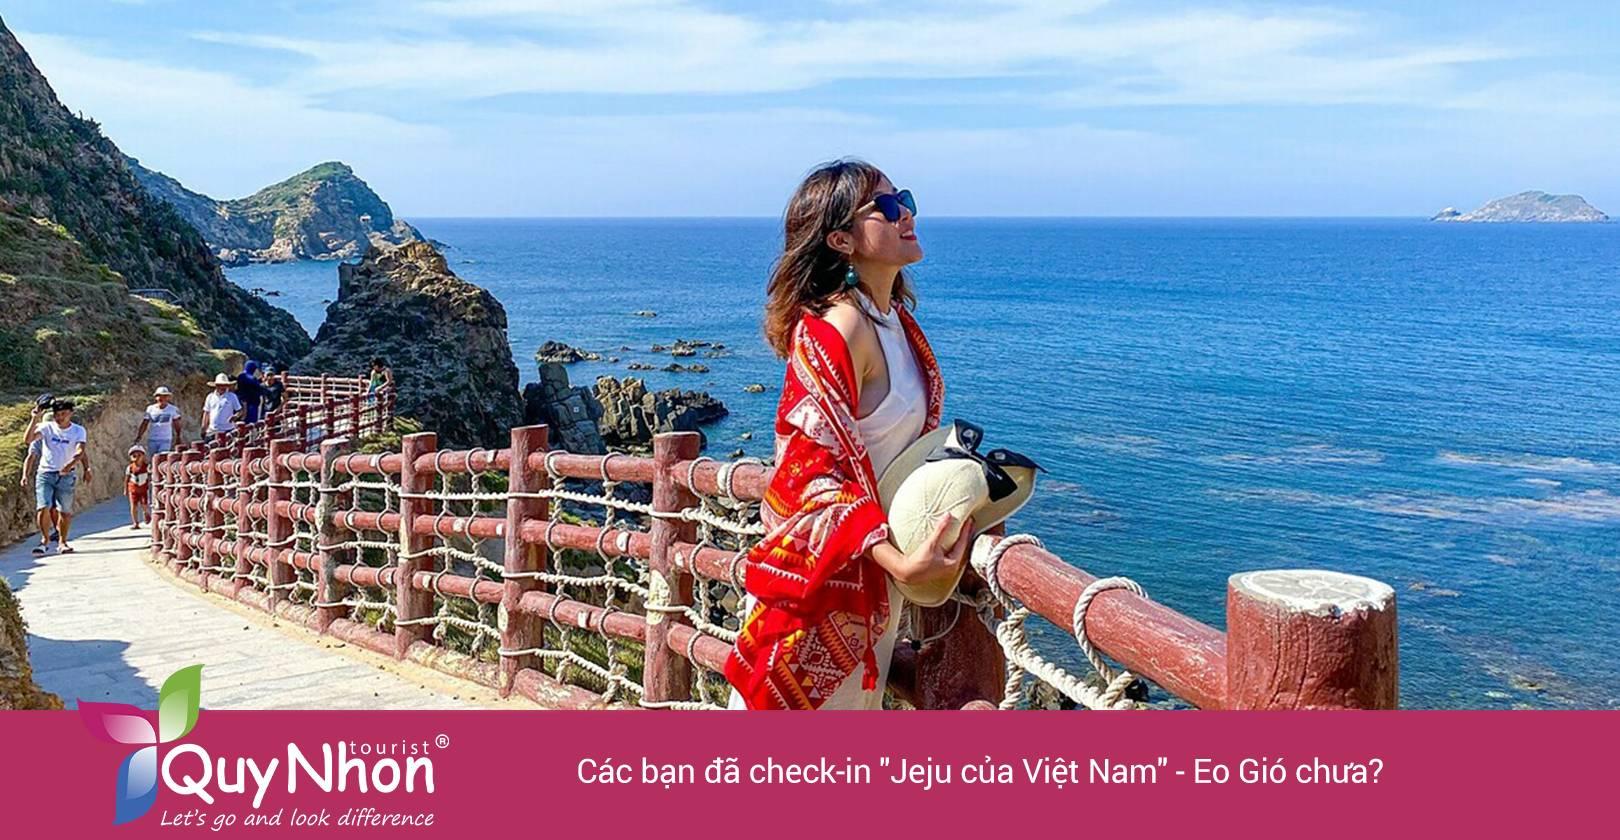 Eo gió - điểm đến tuyệt vời trên bản đồ du lịch Quy Nhơn Bình Định.